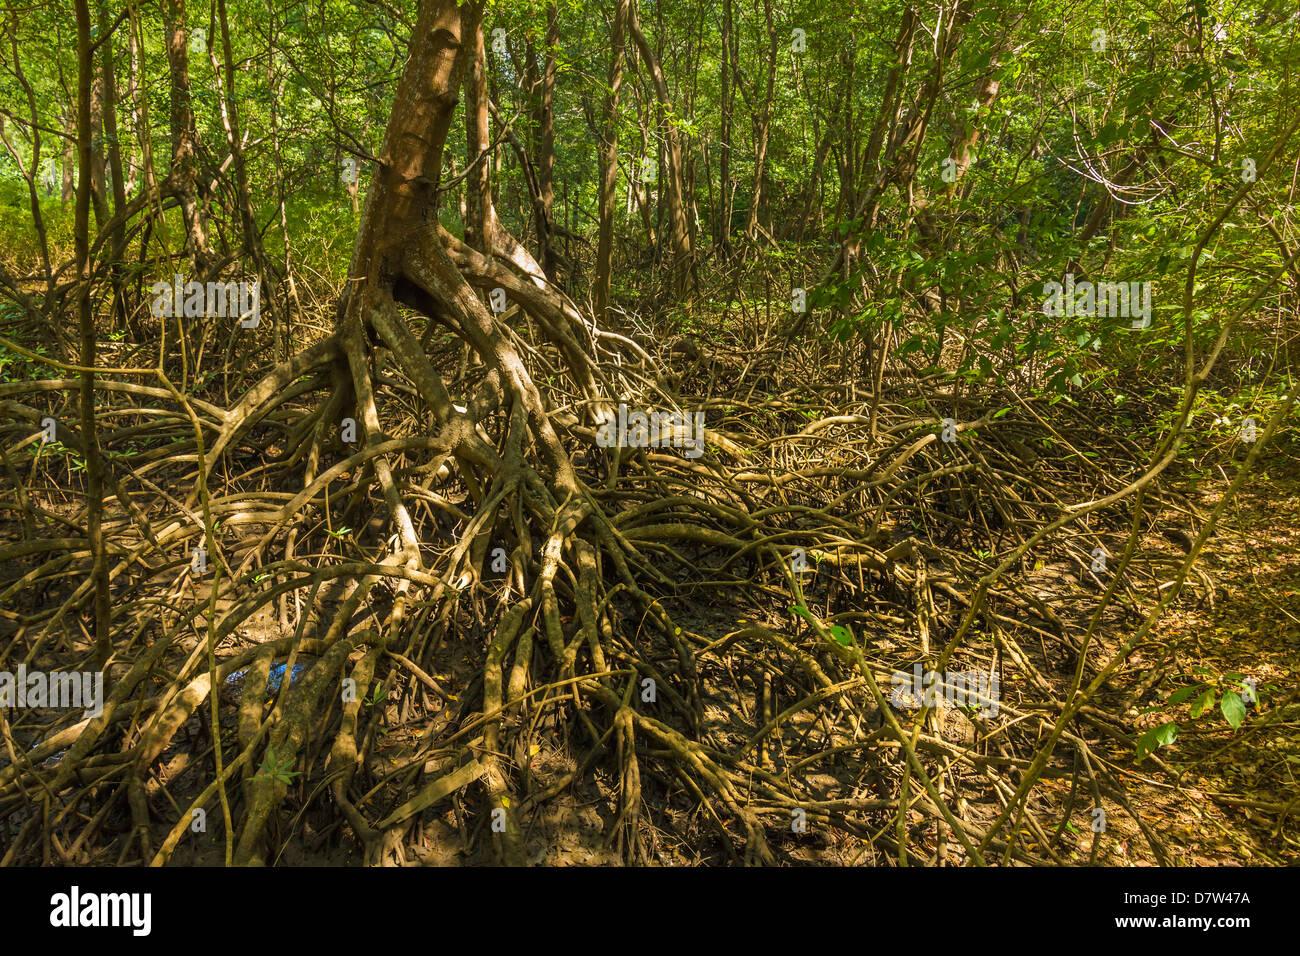 Mangrovenwald im biologischen Reservat in der Nähe der Flussmündung von Nosara; Nosara, Nicoya Halbinsel, Stockbild